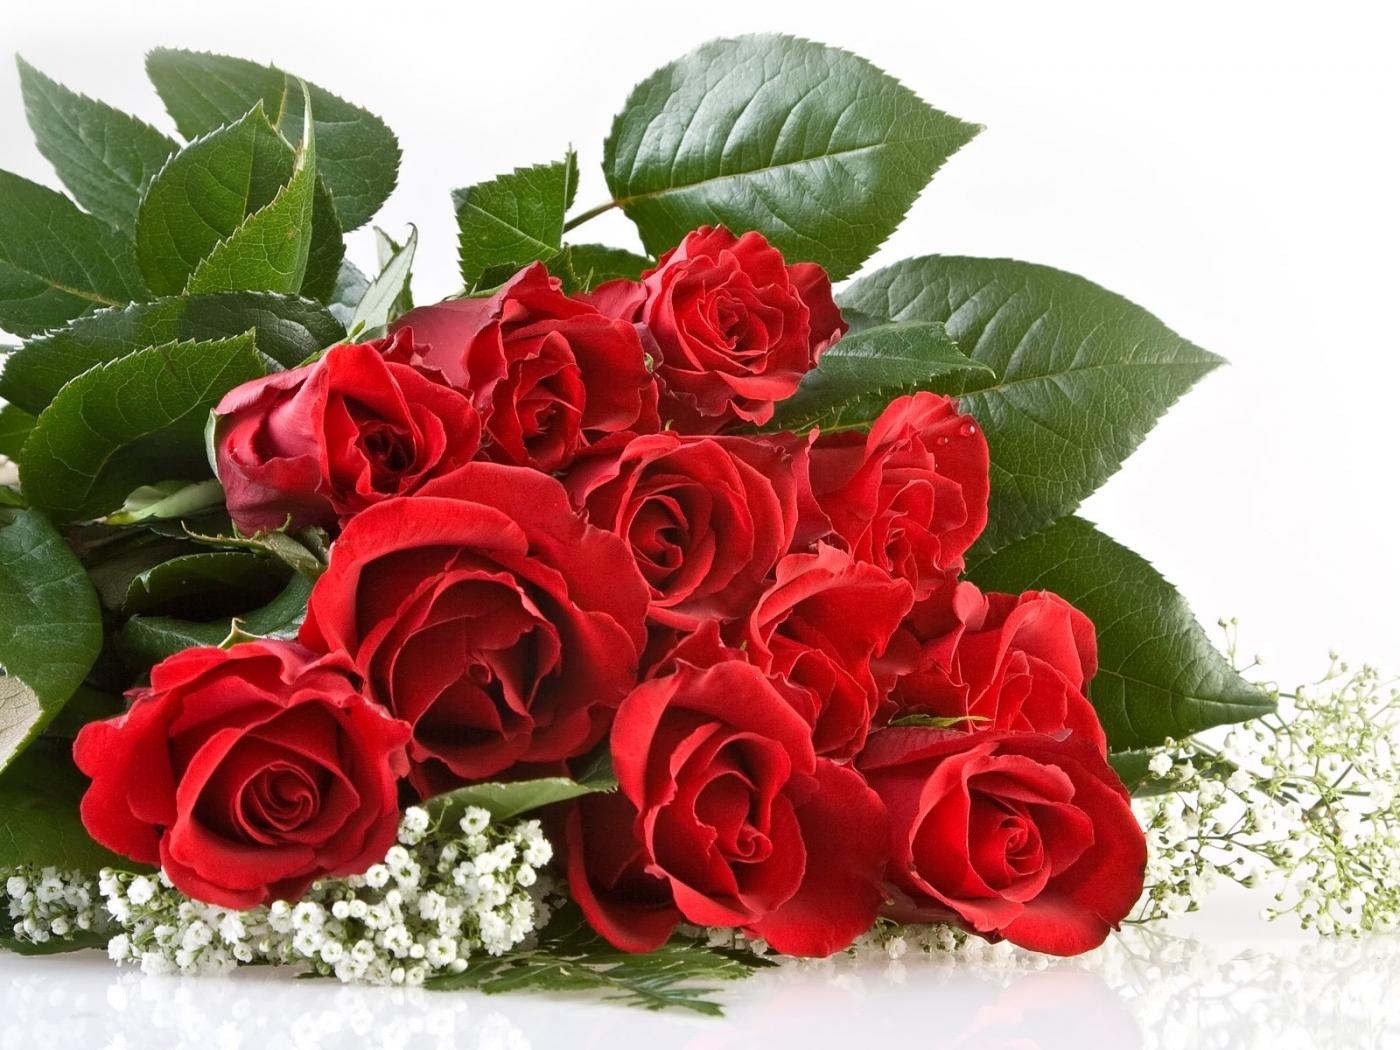 38667 скачать обои Букеты, Растения, Цветы, Розы - заставки и картинки бесплатно